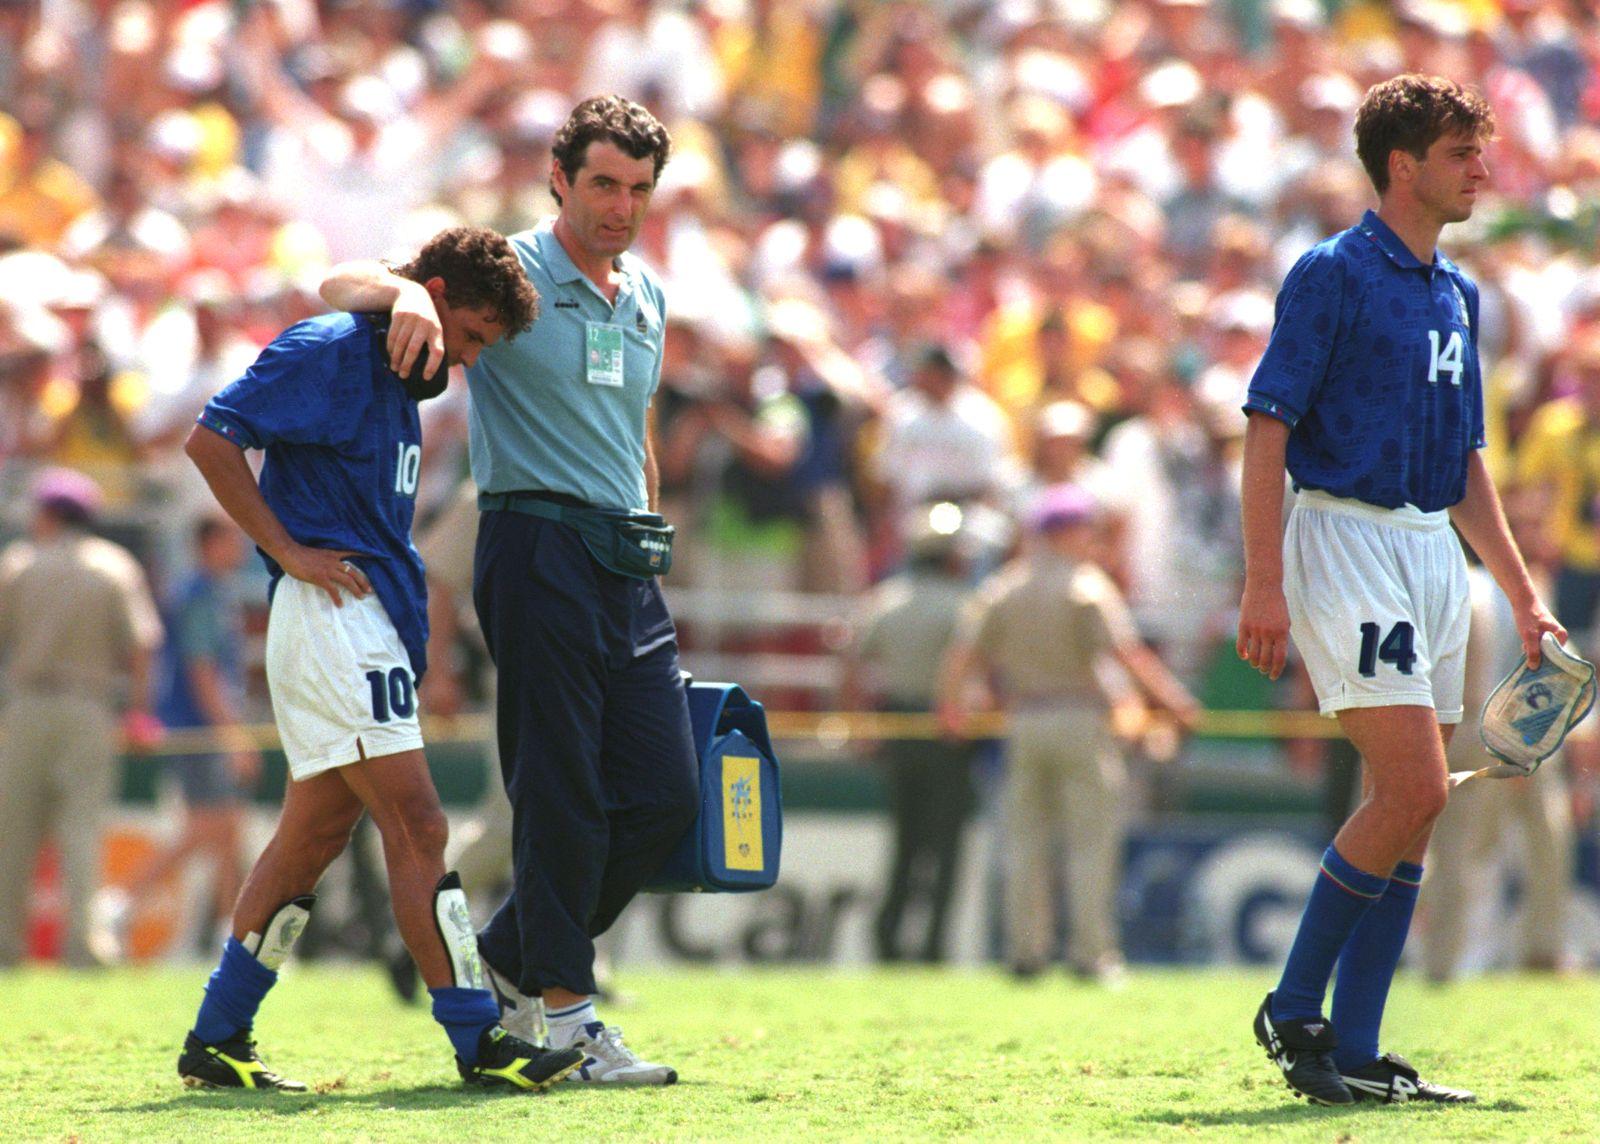 WM-Momente/ Roberto Baggio 1994/ Verschossener Elfmeter